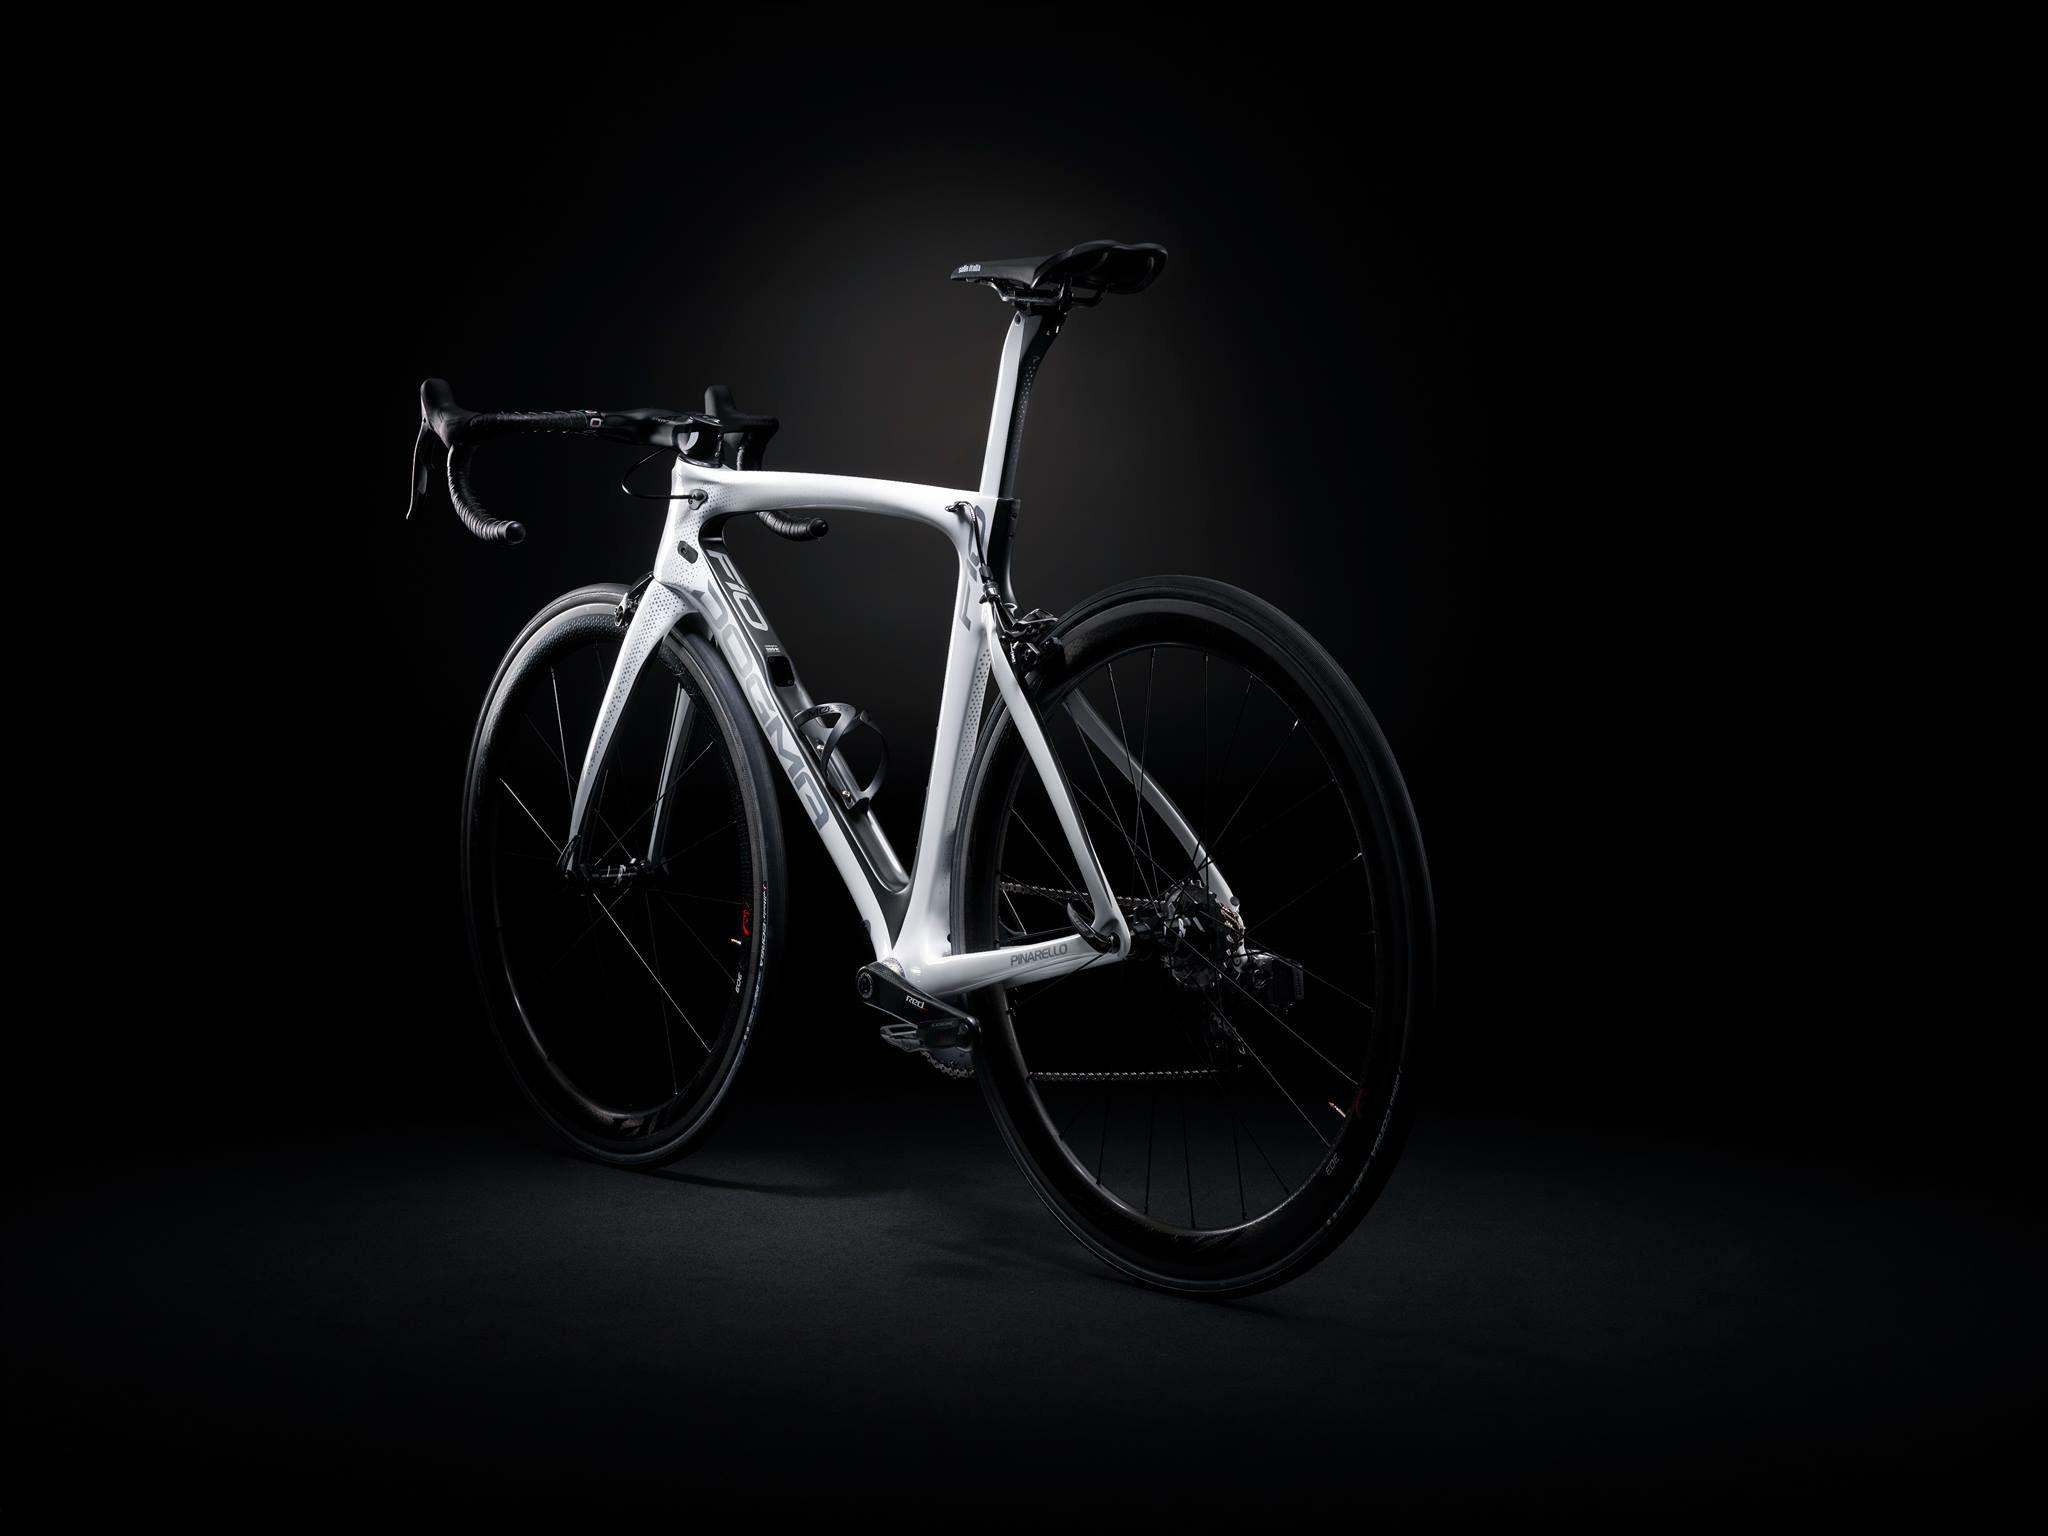 Pinarello Dogma F10 Roadbike Road Bike Bicycle Bike